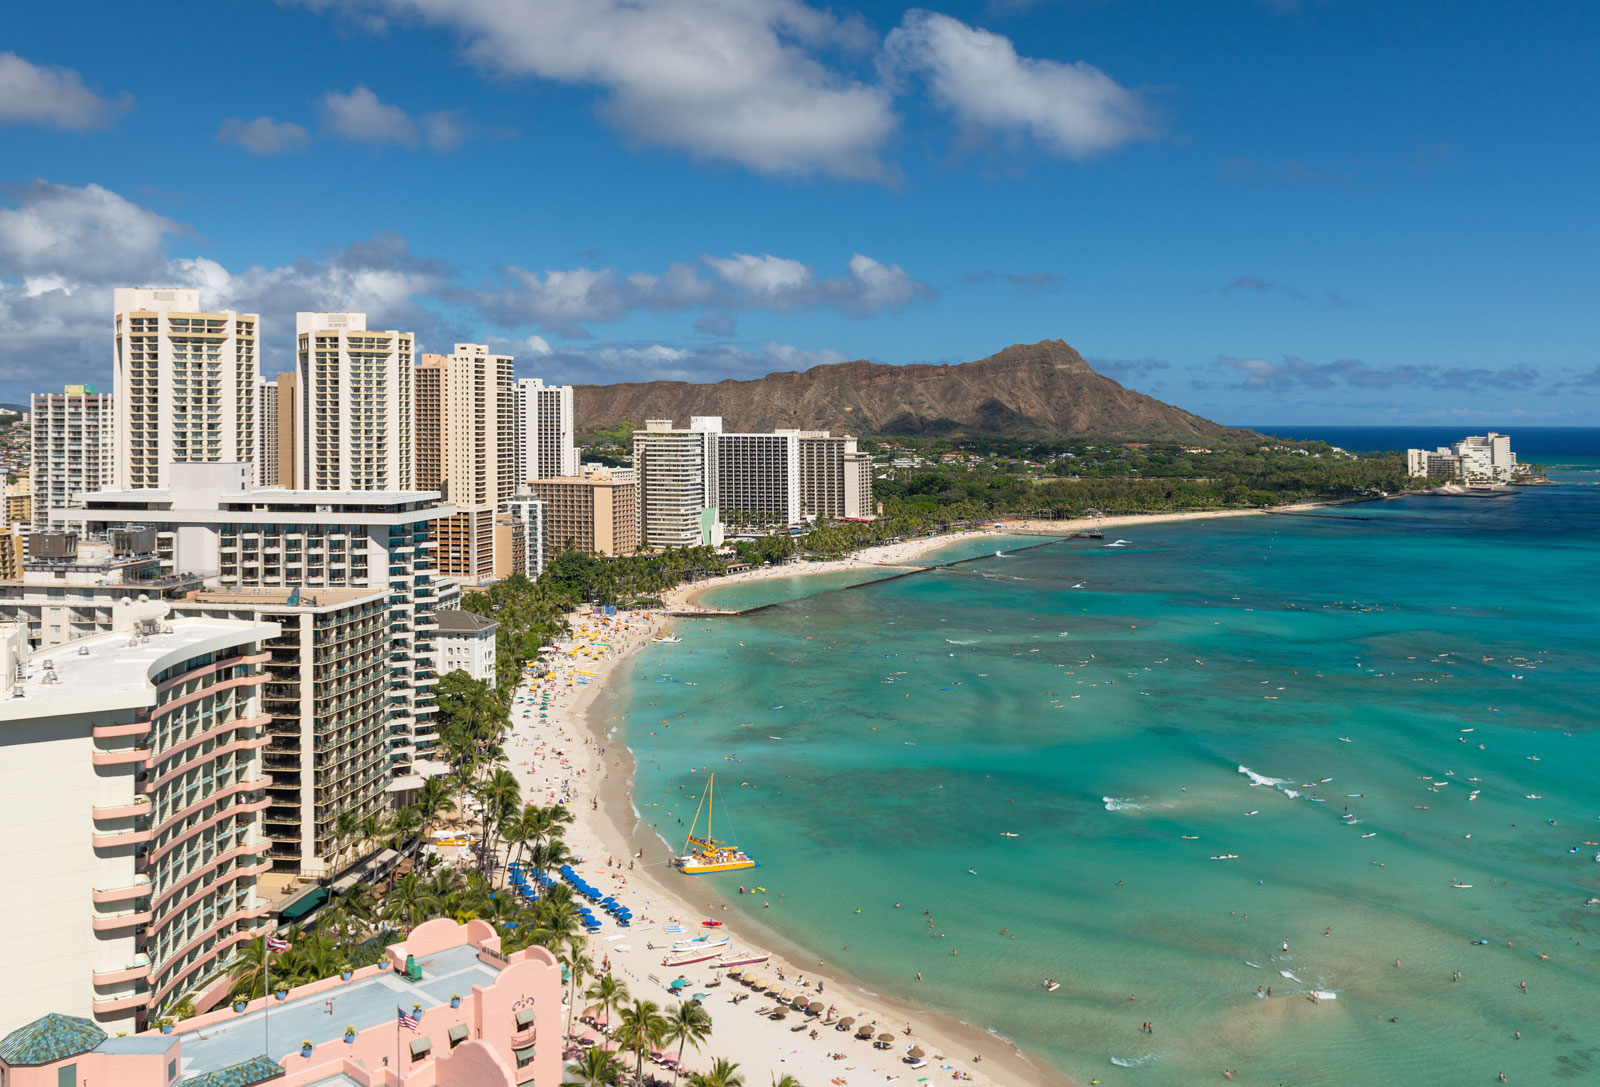 Waikiki Beach - Honolulu, Hawaii